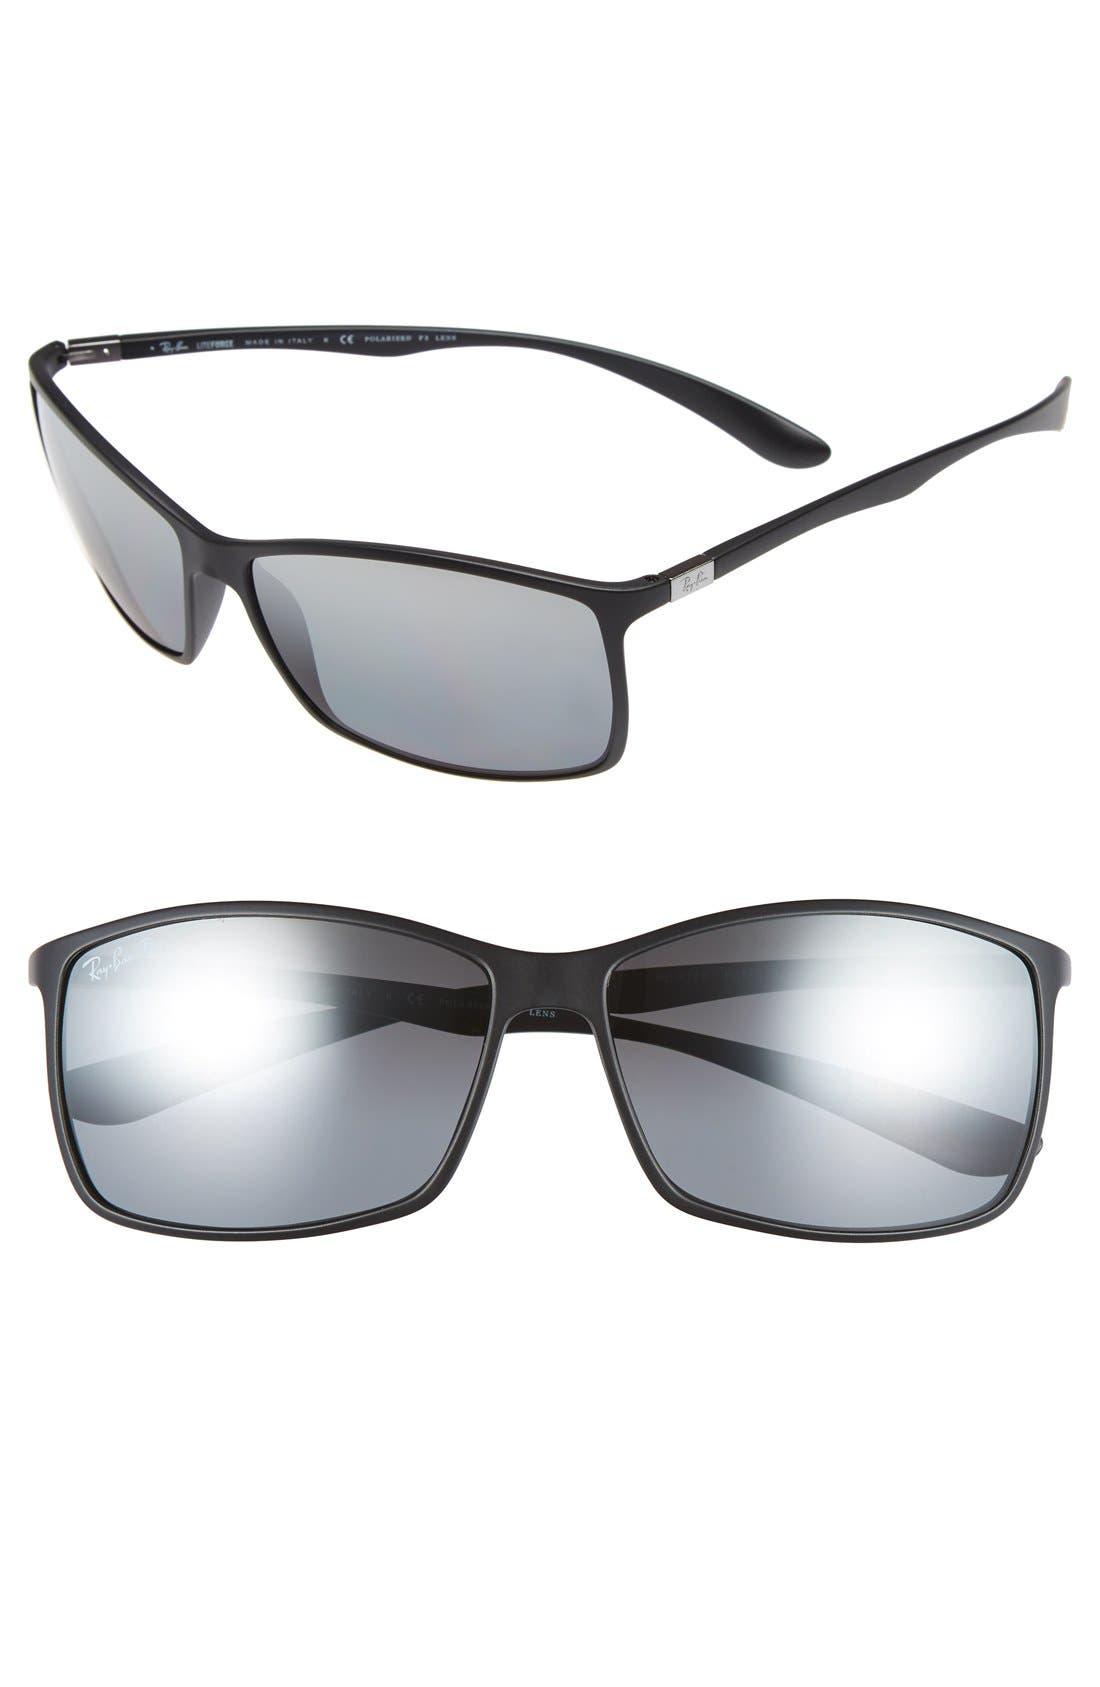 'TECH Liteforce' 62mm Polarized Sunglasses,                         Main,                         color, Matte Black/ Grey